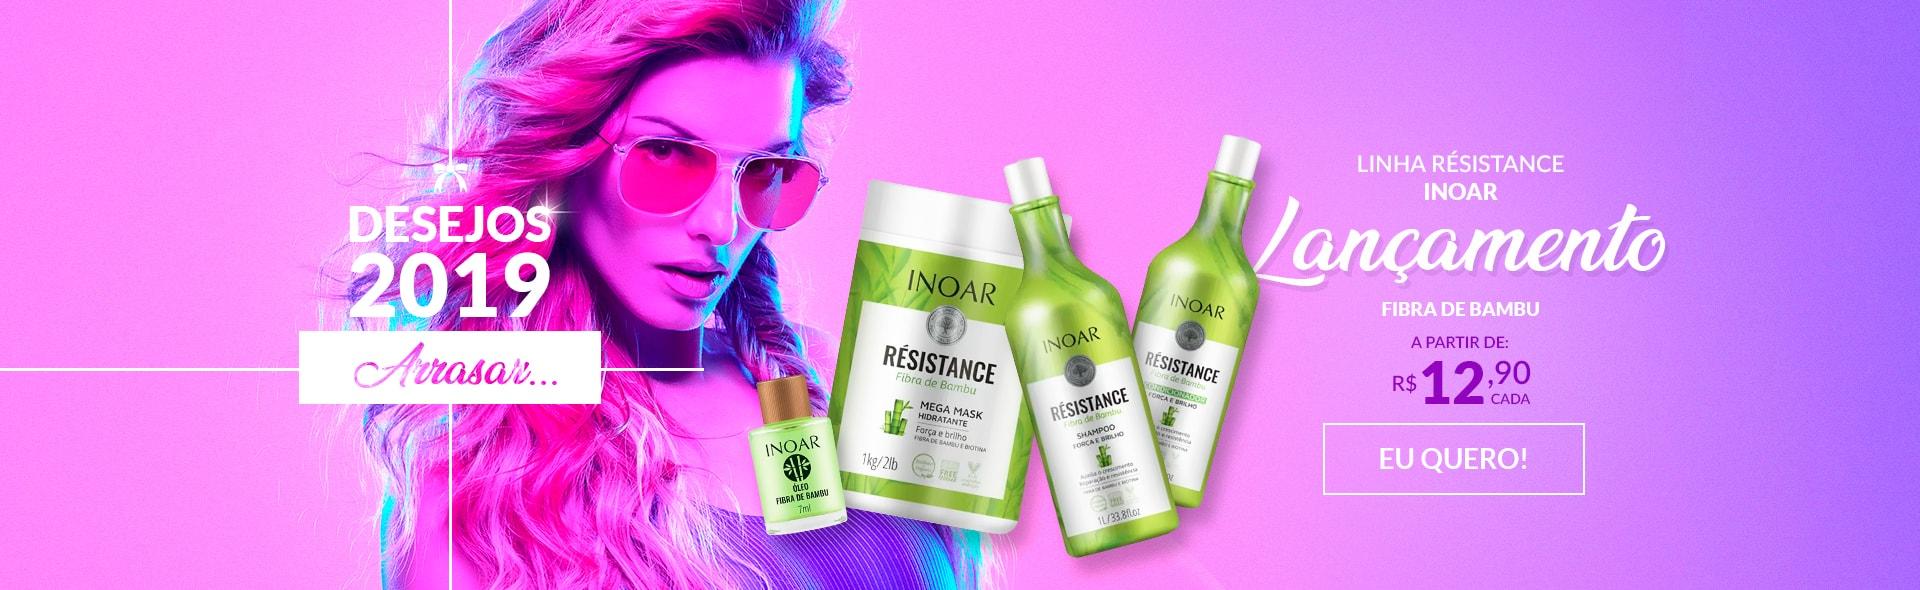 Inoar Resistance